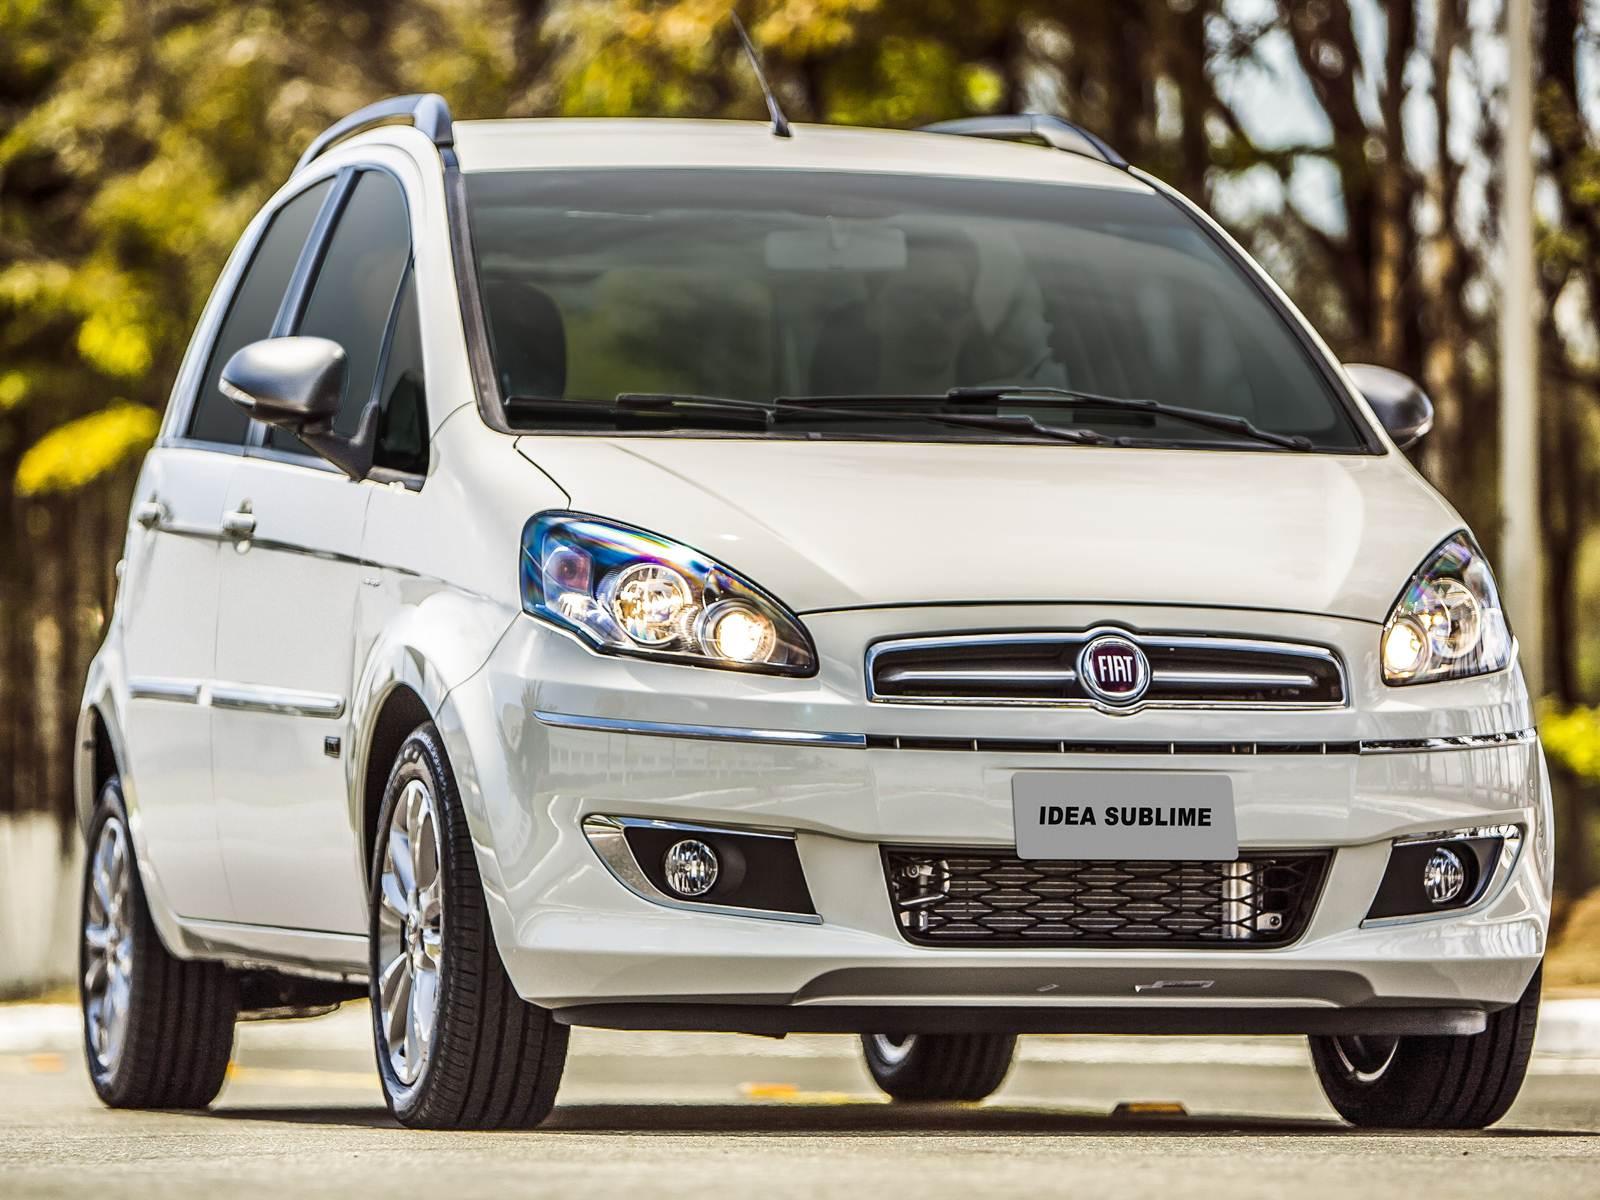 Fiat Idea 2016 - Leilão